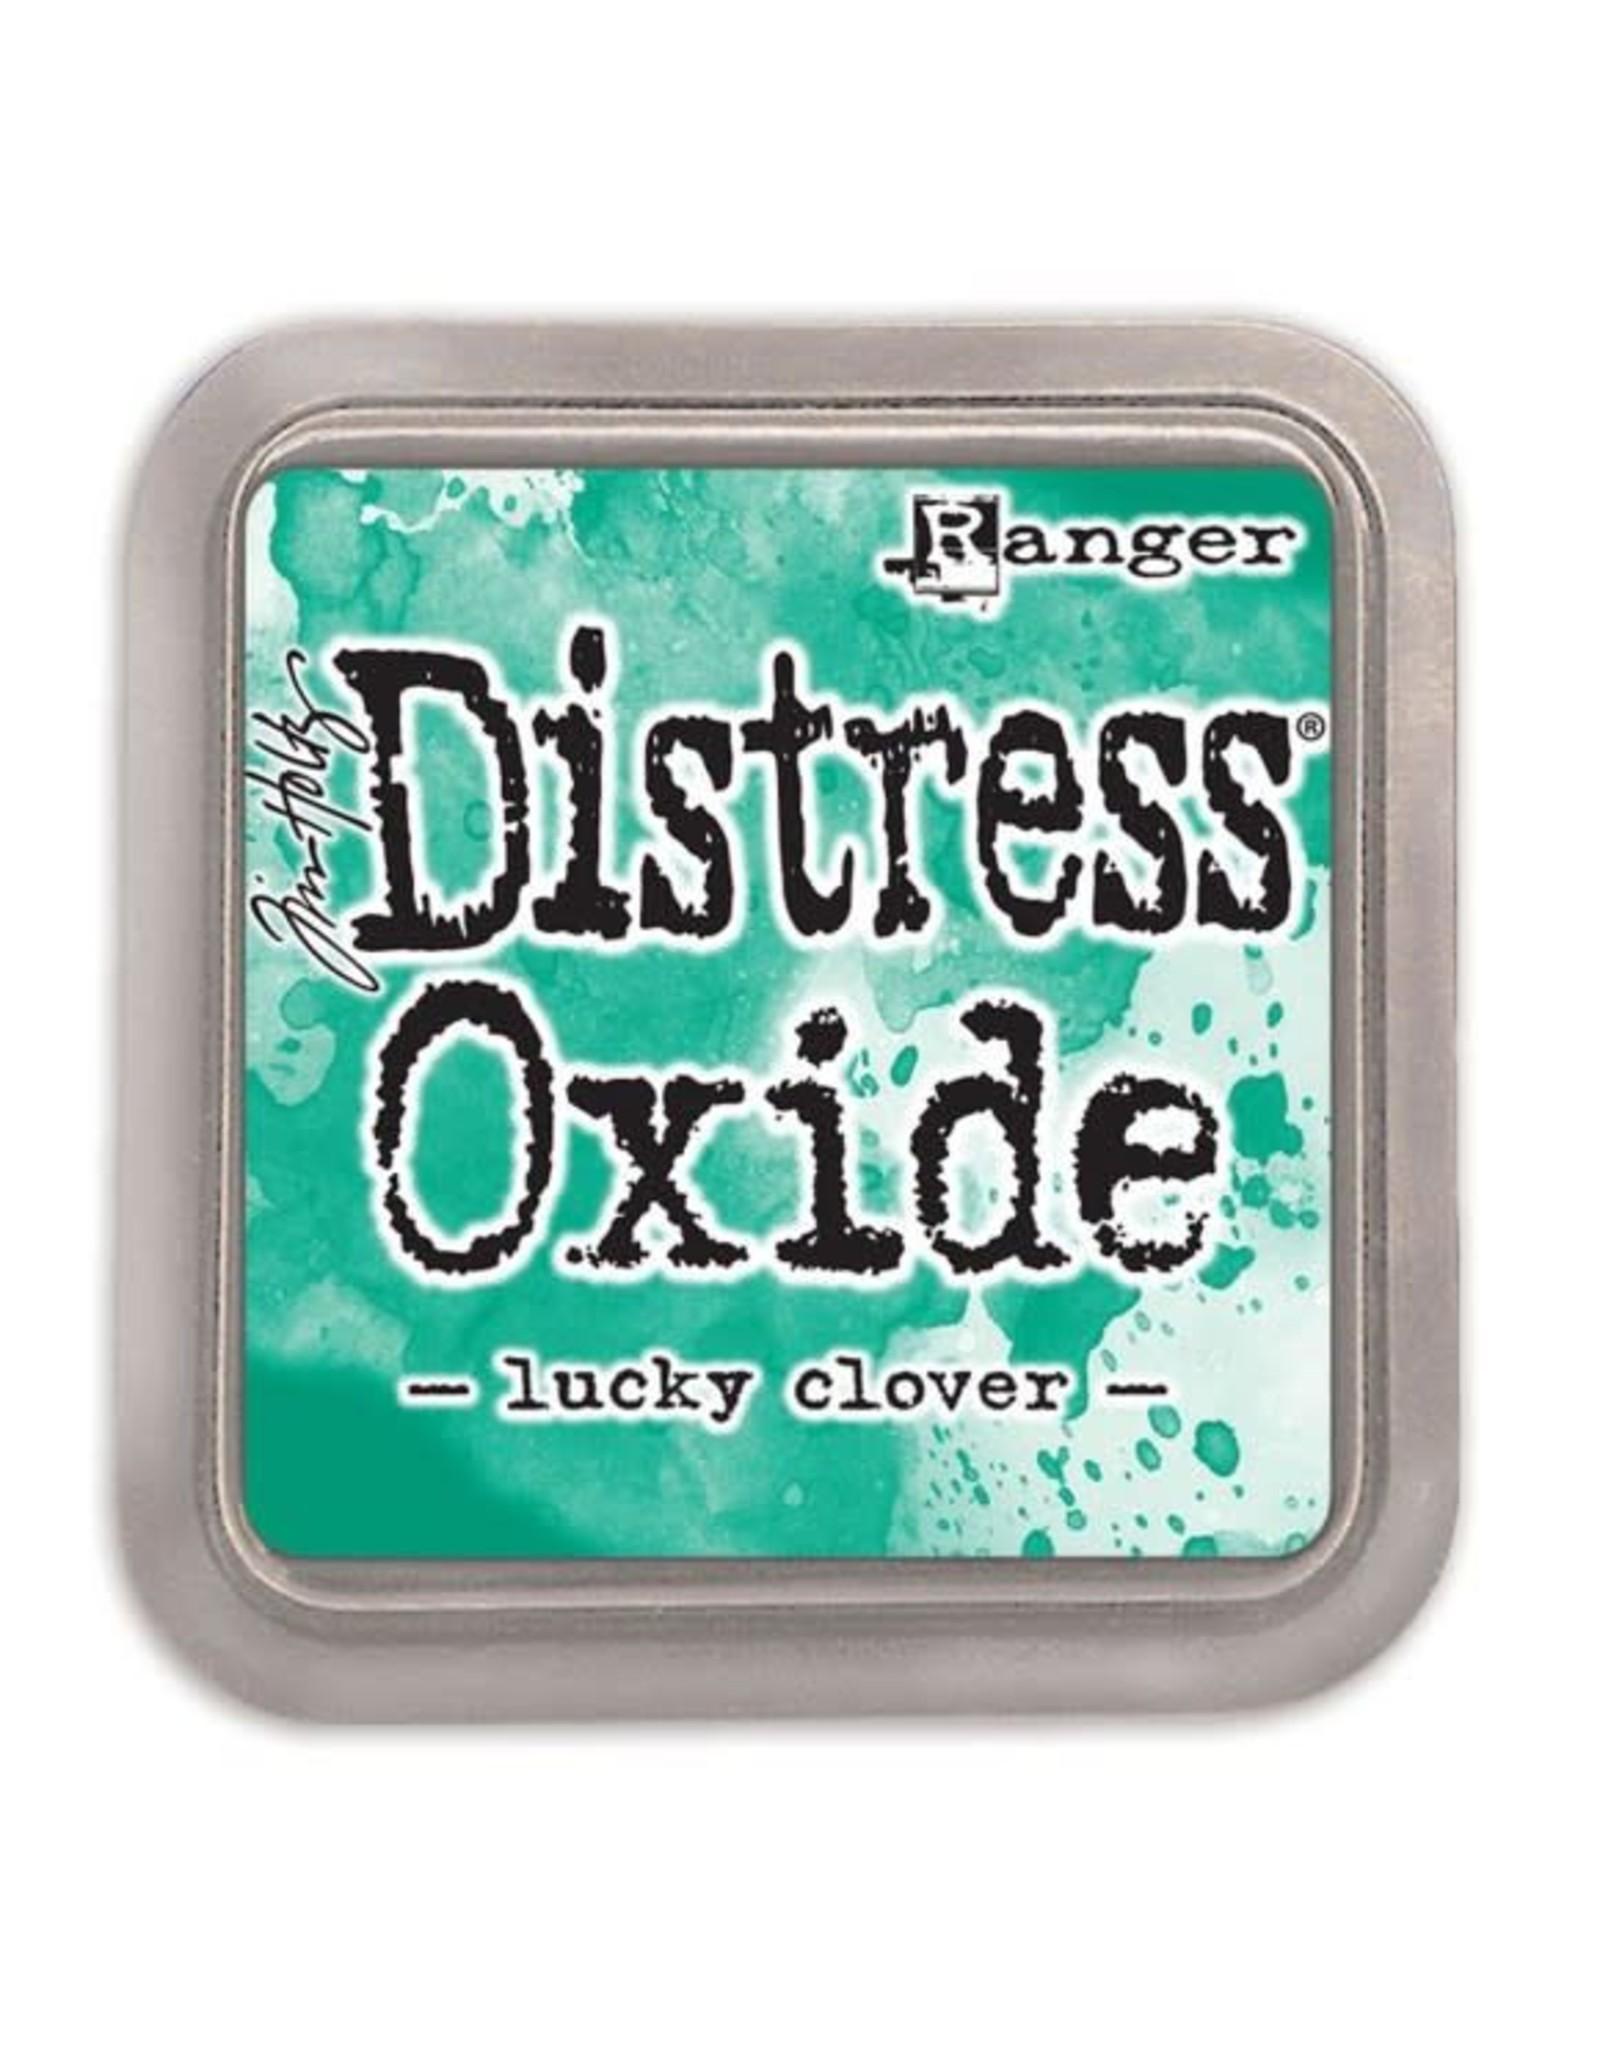 Ranger Distress Oxide Ranger Distress Oxide - lucky clover